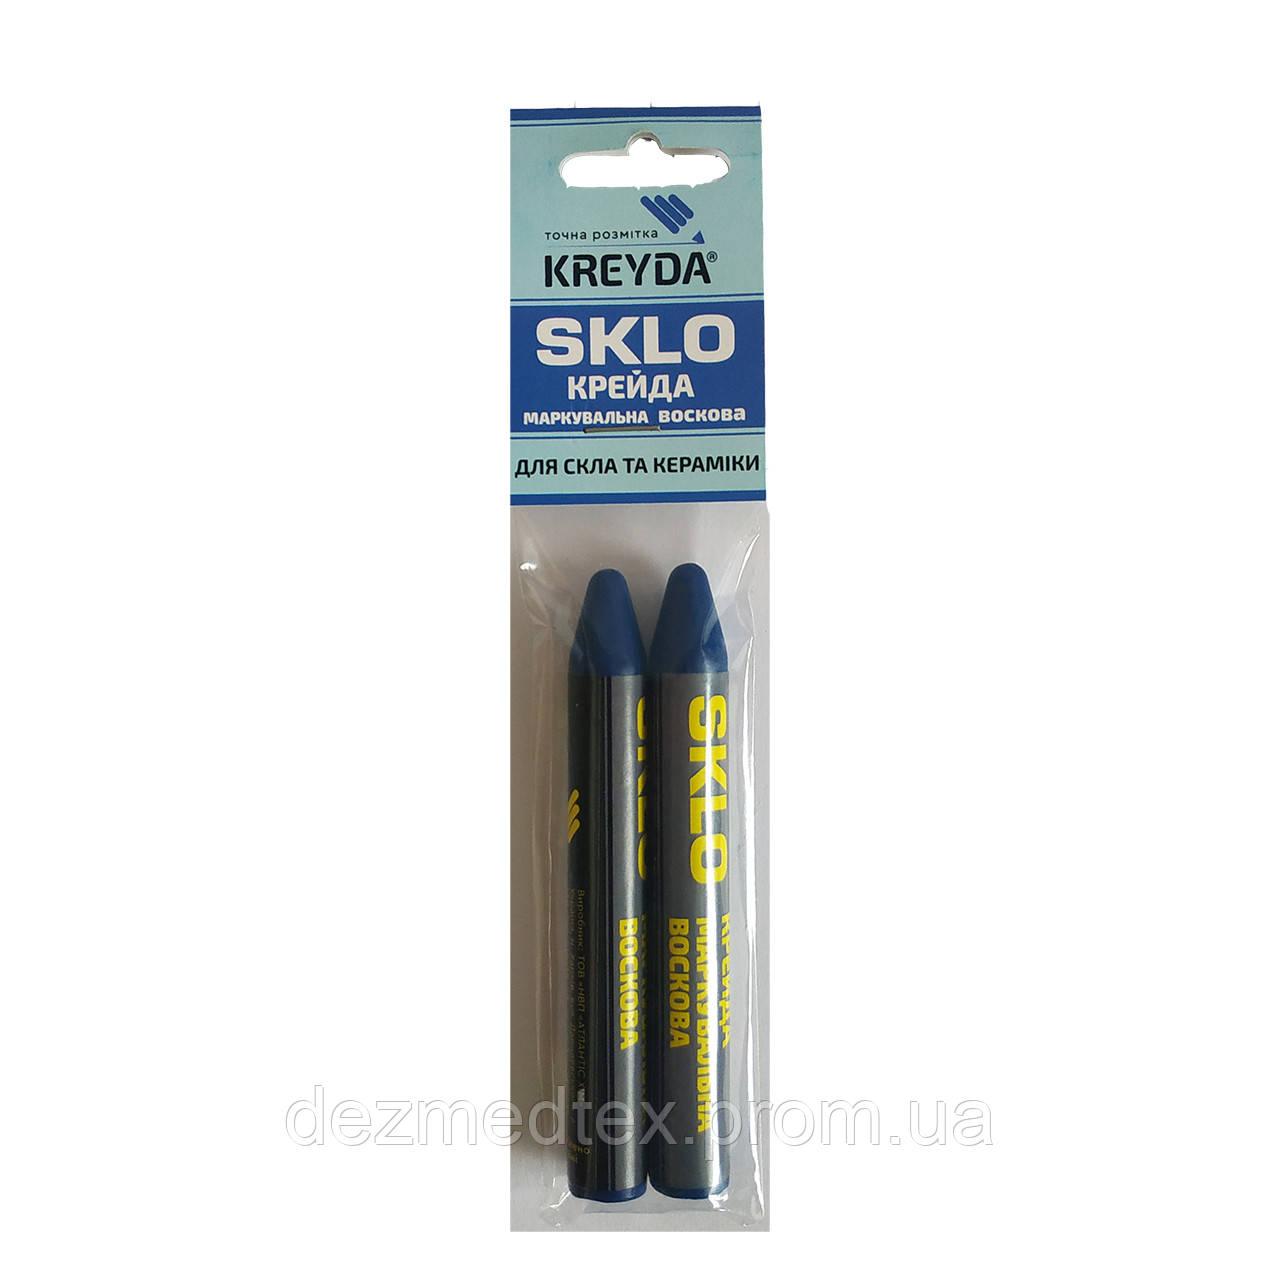 Для Стекла, мел восковой разметочный SKLO (синие)  - 2шт